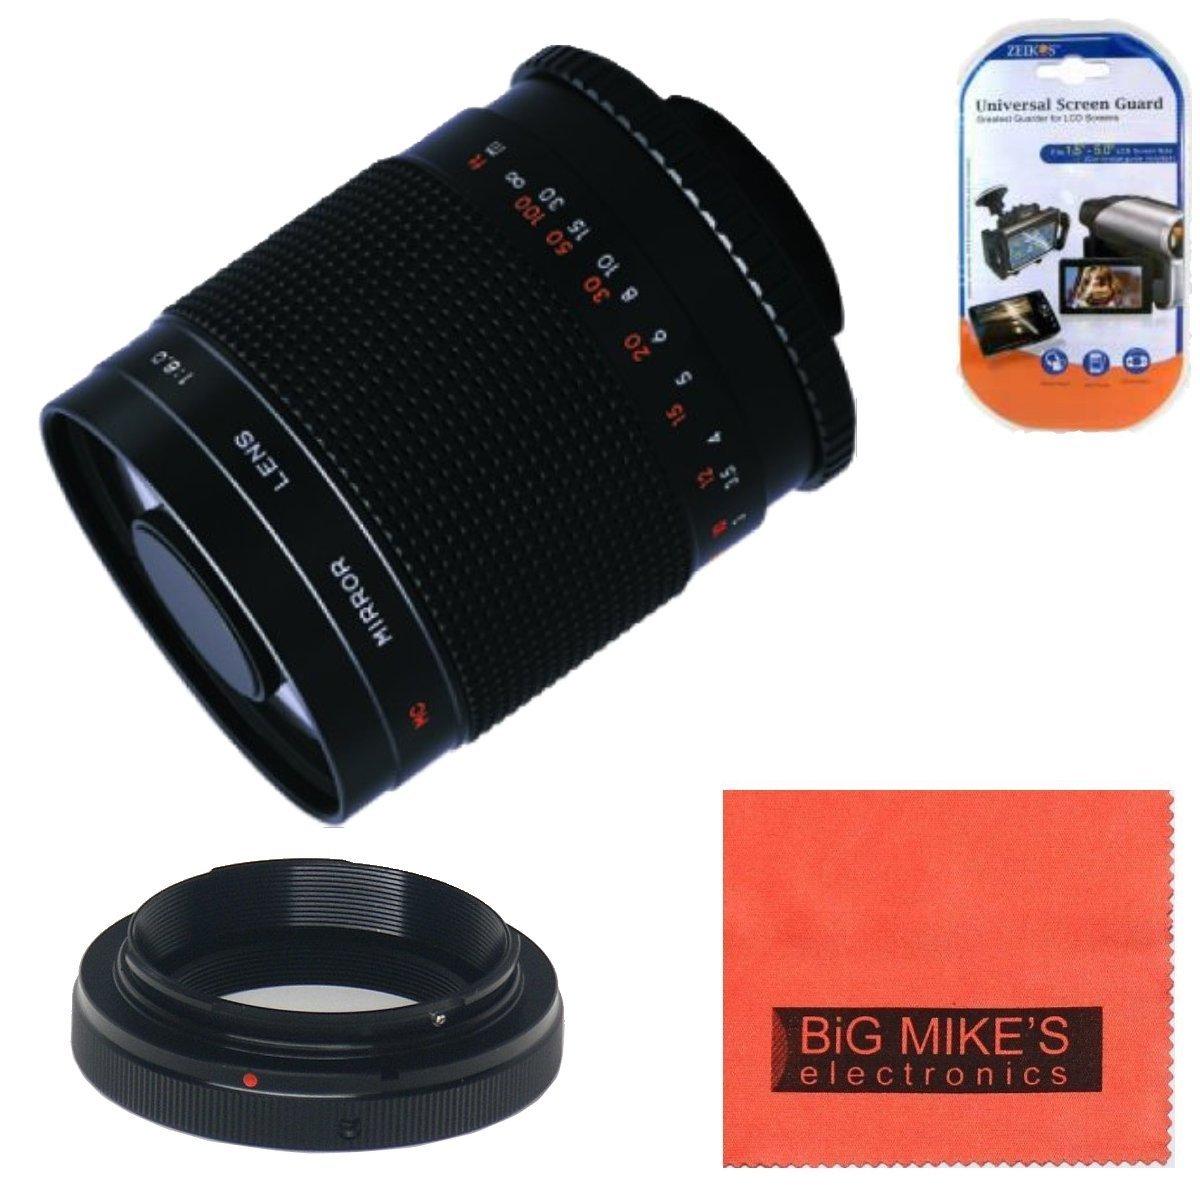 高電力500 mm f/ 8.0望遠ミラー手動レンズfor CanonデジタルEOS Rebel mm t1i B00KN6SOLS 6d、EOS、t2i、t3、t3i、t4i、t5i、sl1 , EOS 60d, EOS 70d, EOS 80d、50d、40d、30d、EOS 5d、eos1d、eos5d III、EOS 6d、EOS 7dデジタルSLRカメラ B00KN6SOLS, Being 【ビーイング】:f8d207b0 --- ijpba.info